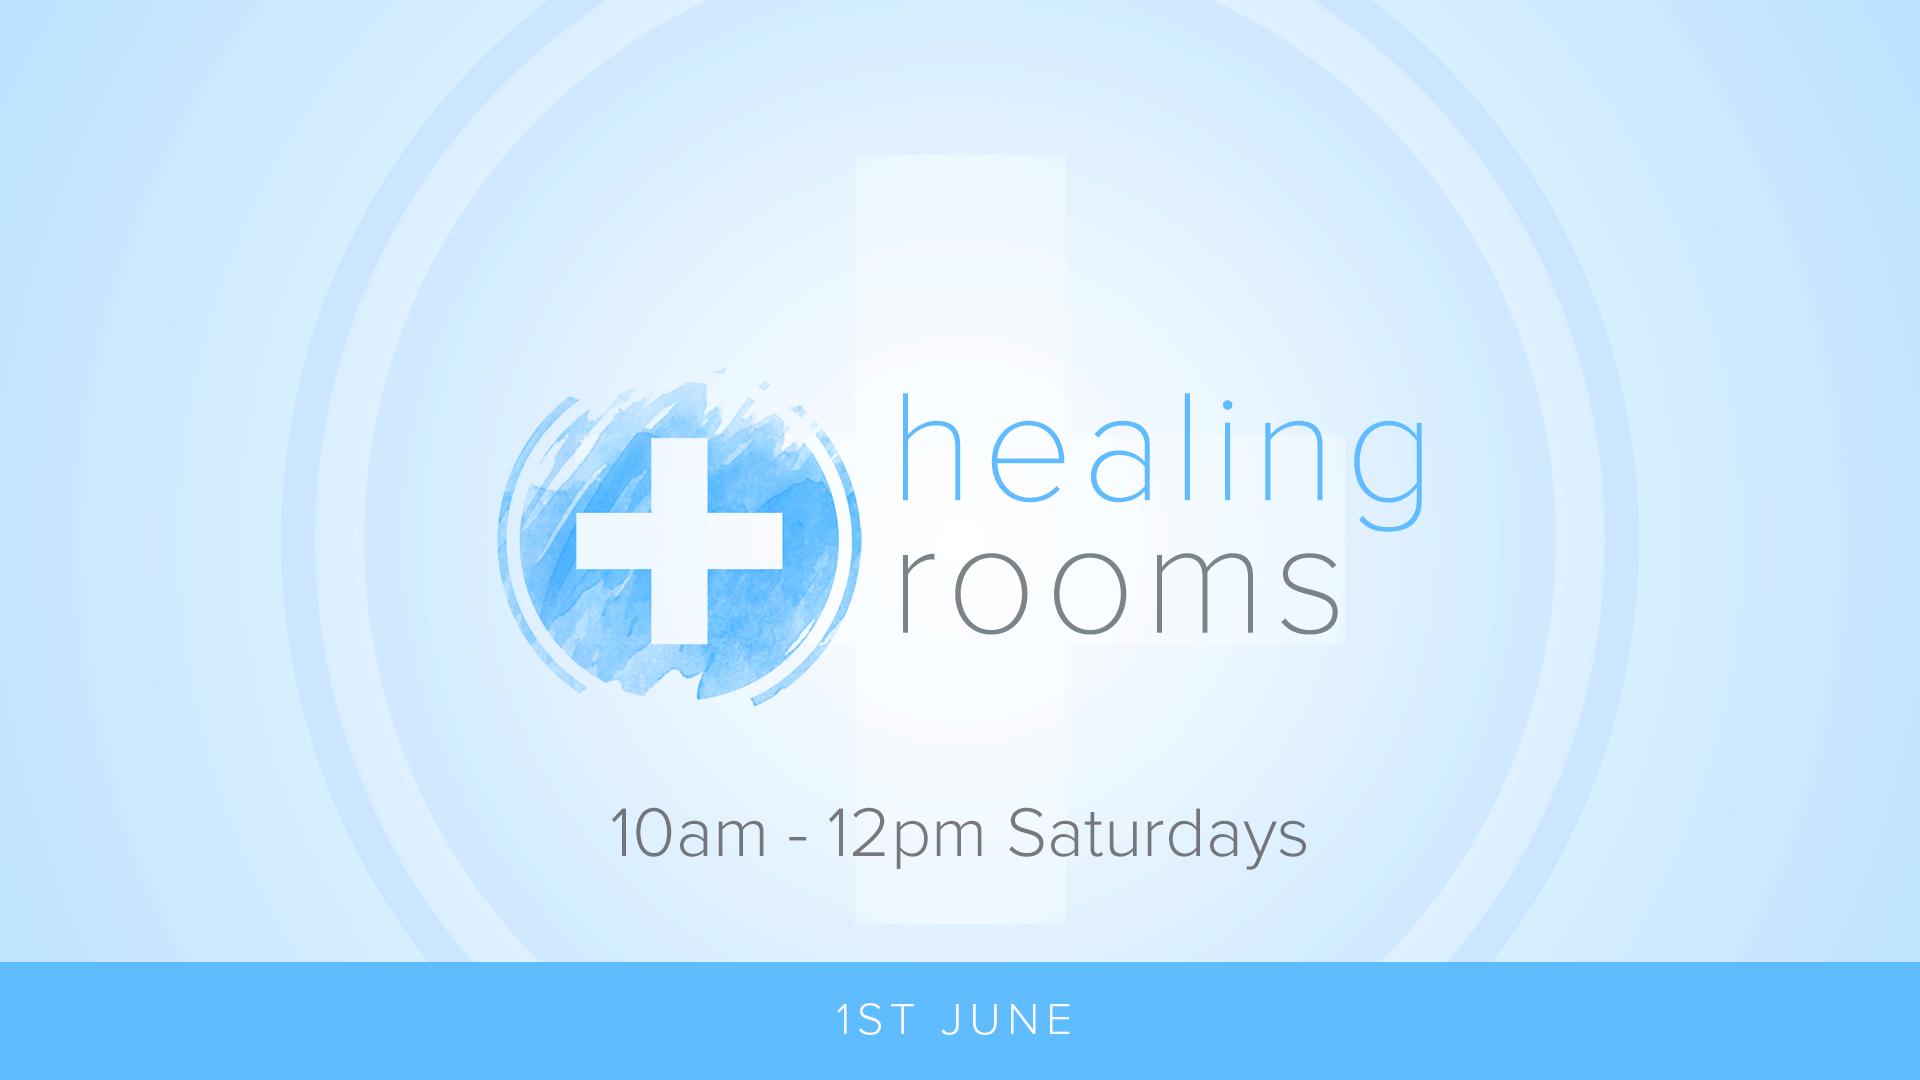 healing-rooms-1920x1080-june.JPG